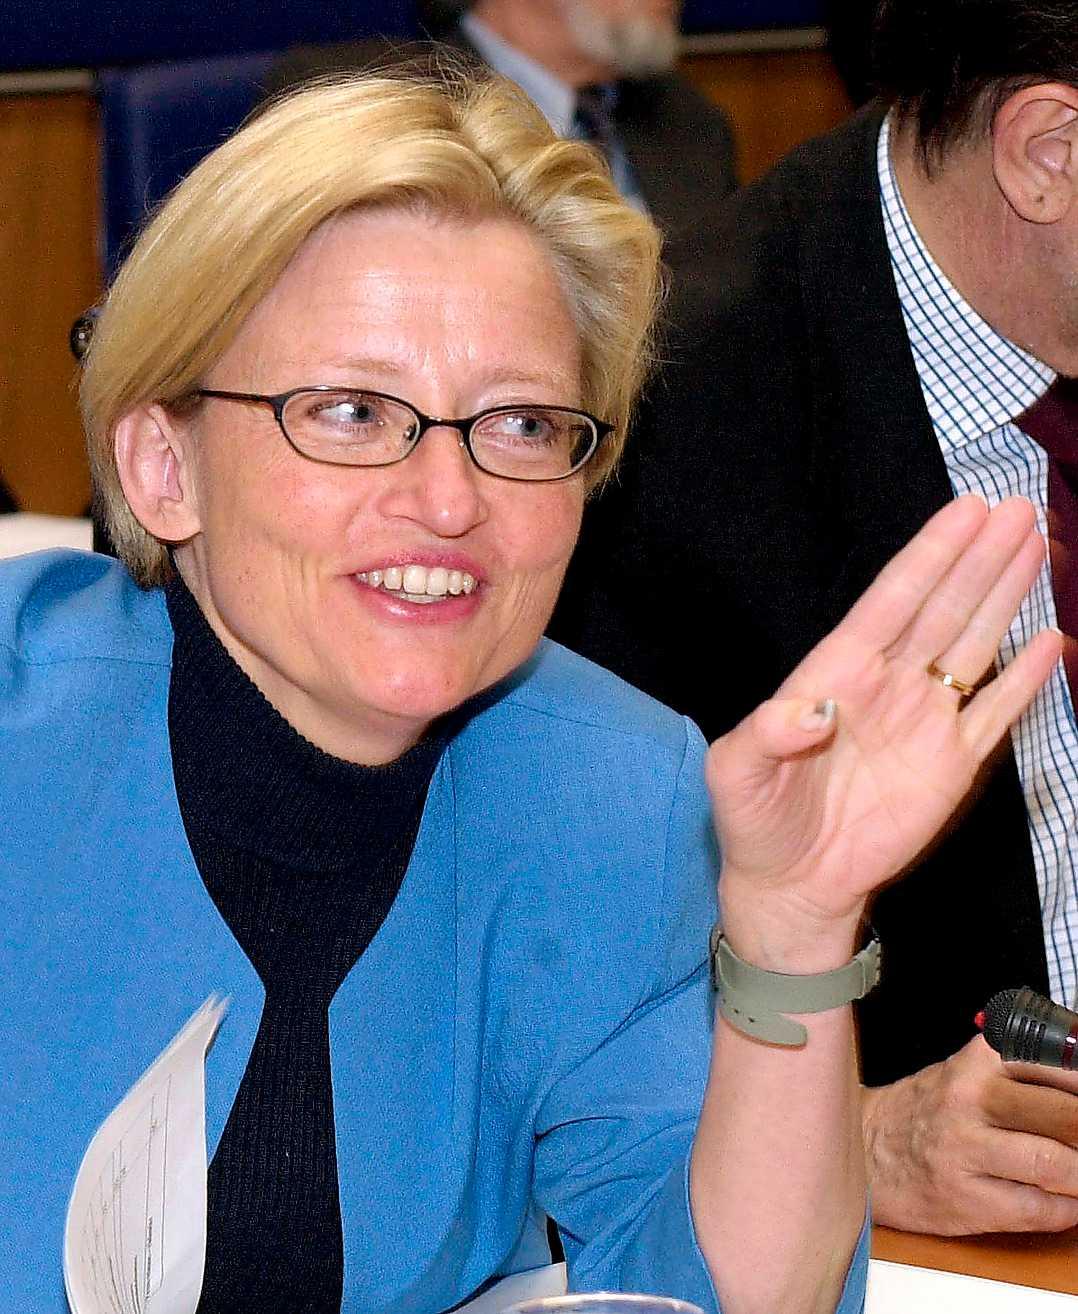 """""""För det första ska jag inte bli statsminister. För det andra tycker jag Stockholm är en bra huvudstad."""" Anna Lindh, januari 2001, om när hon ska bli statsminister och göra Göteborg till huvudstad."""